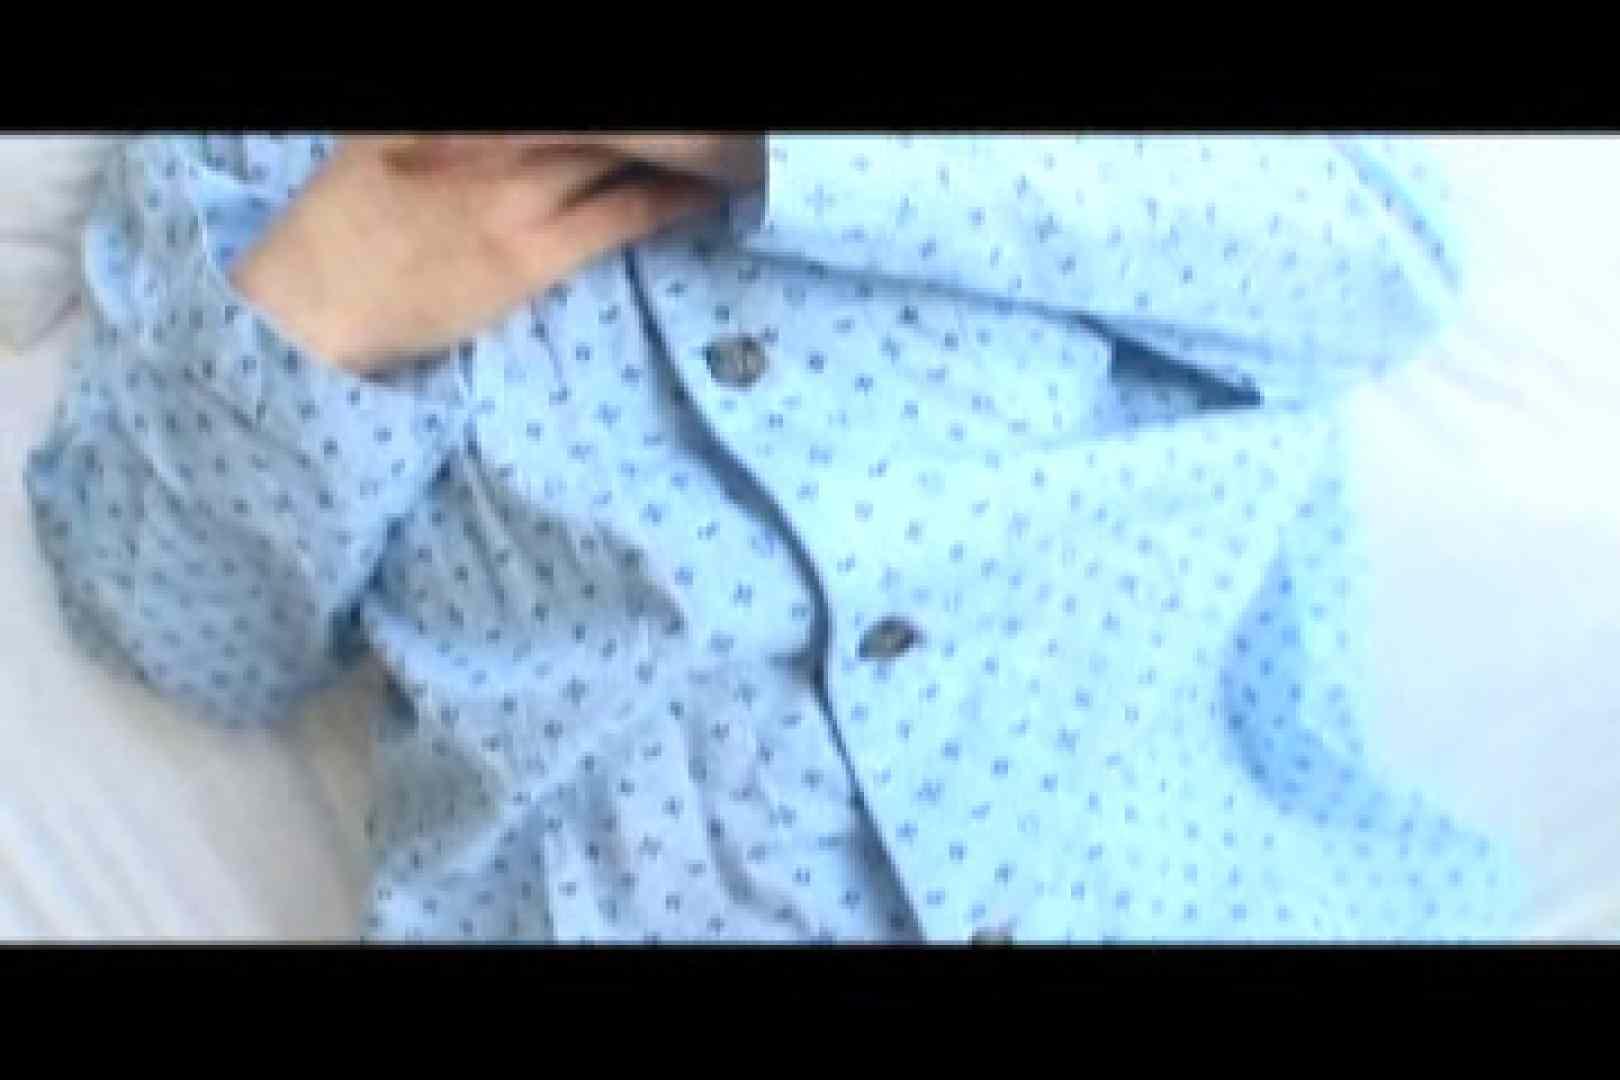 美男子コレクションvol7 イケメン ケツマンスケベ画像 104枚 8